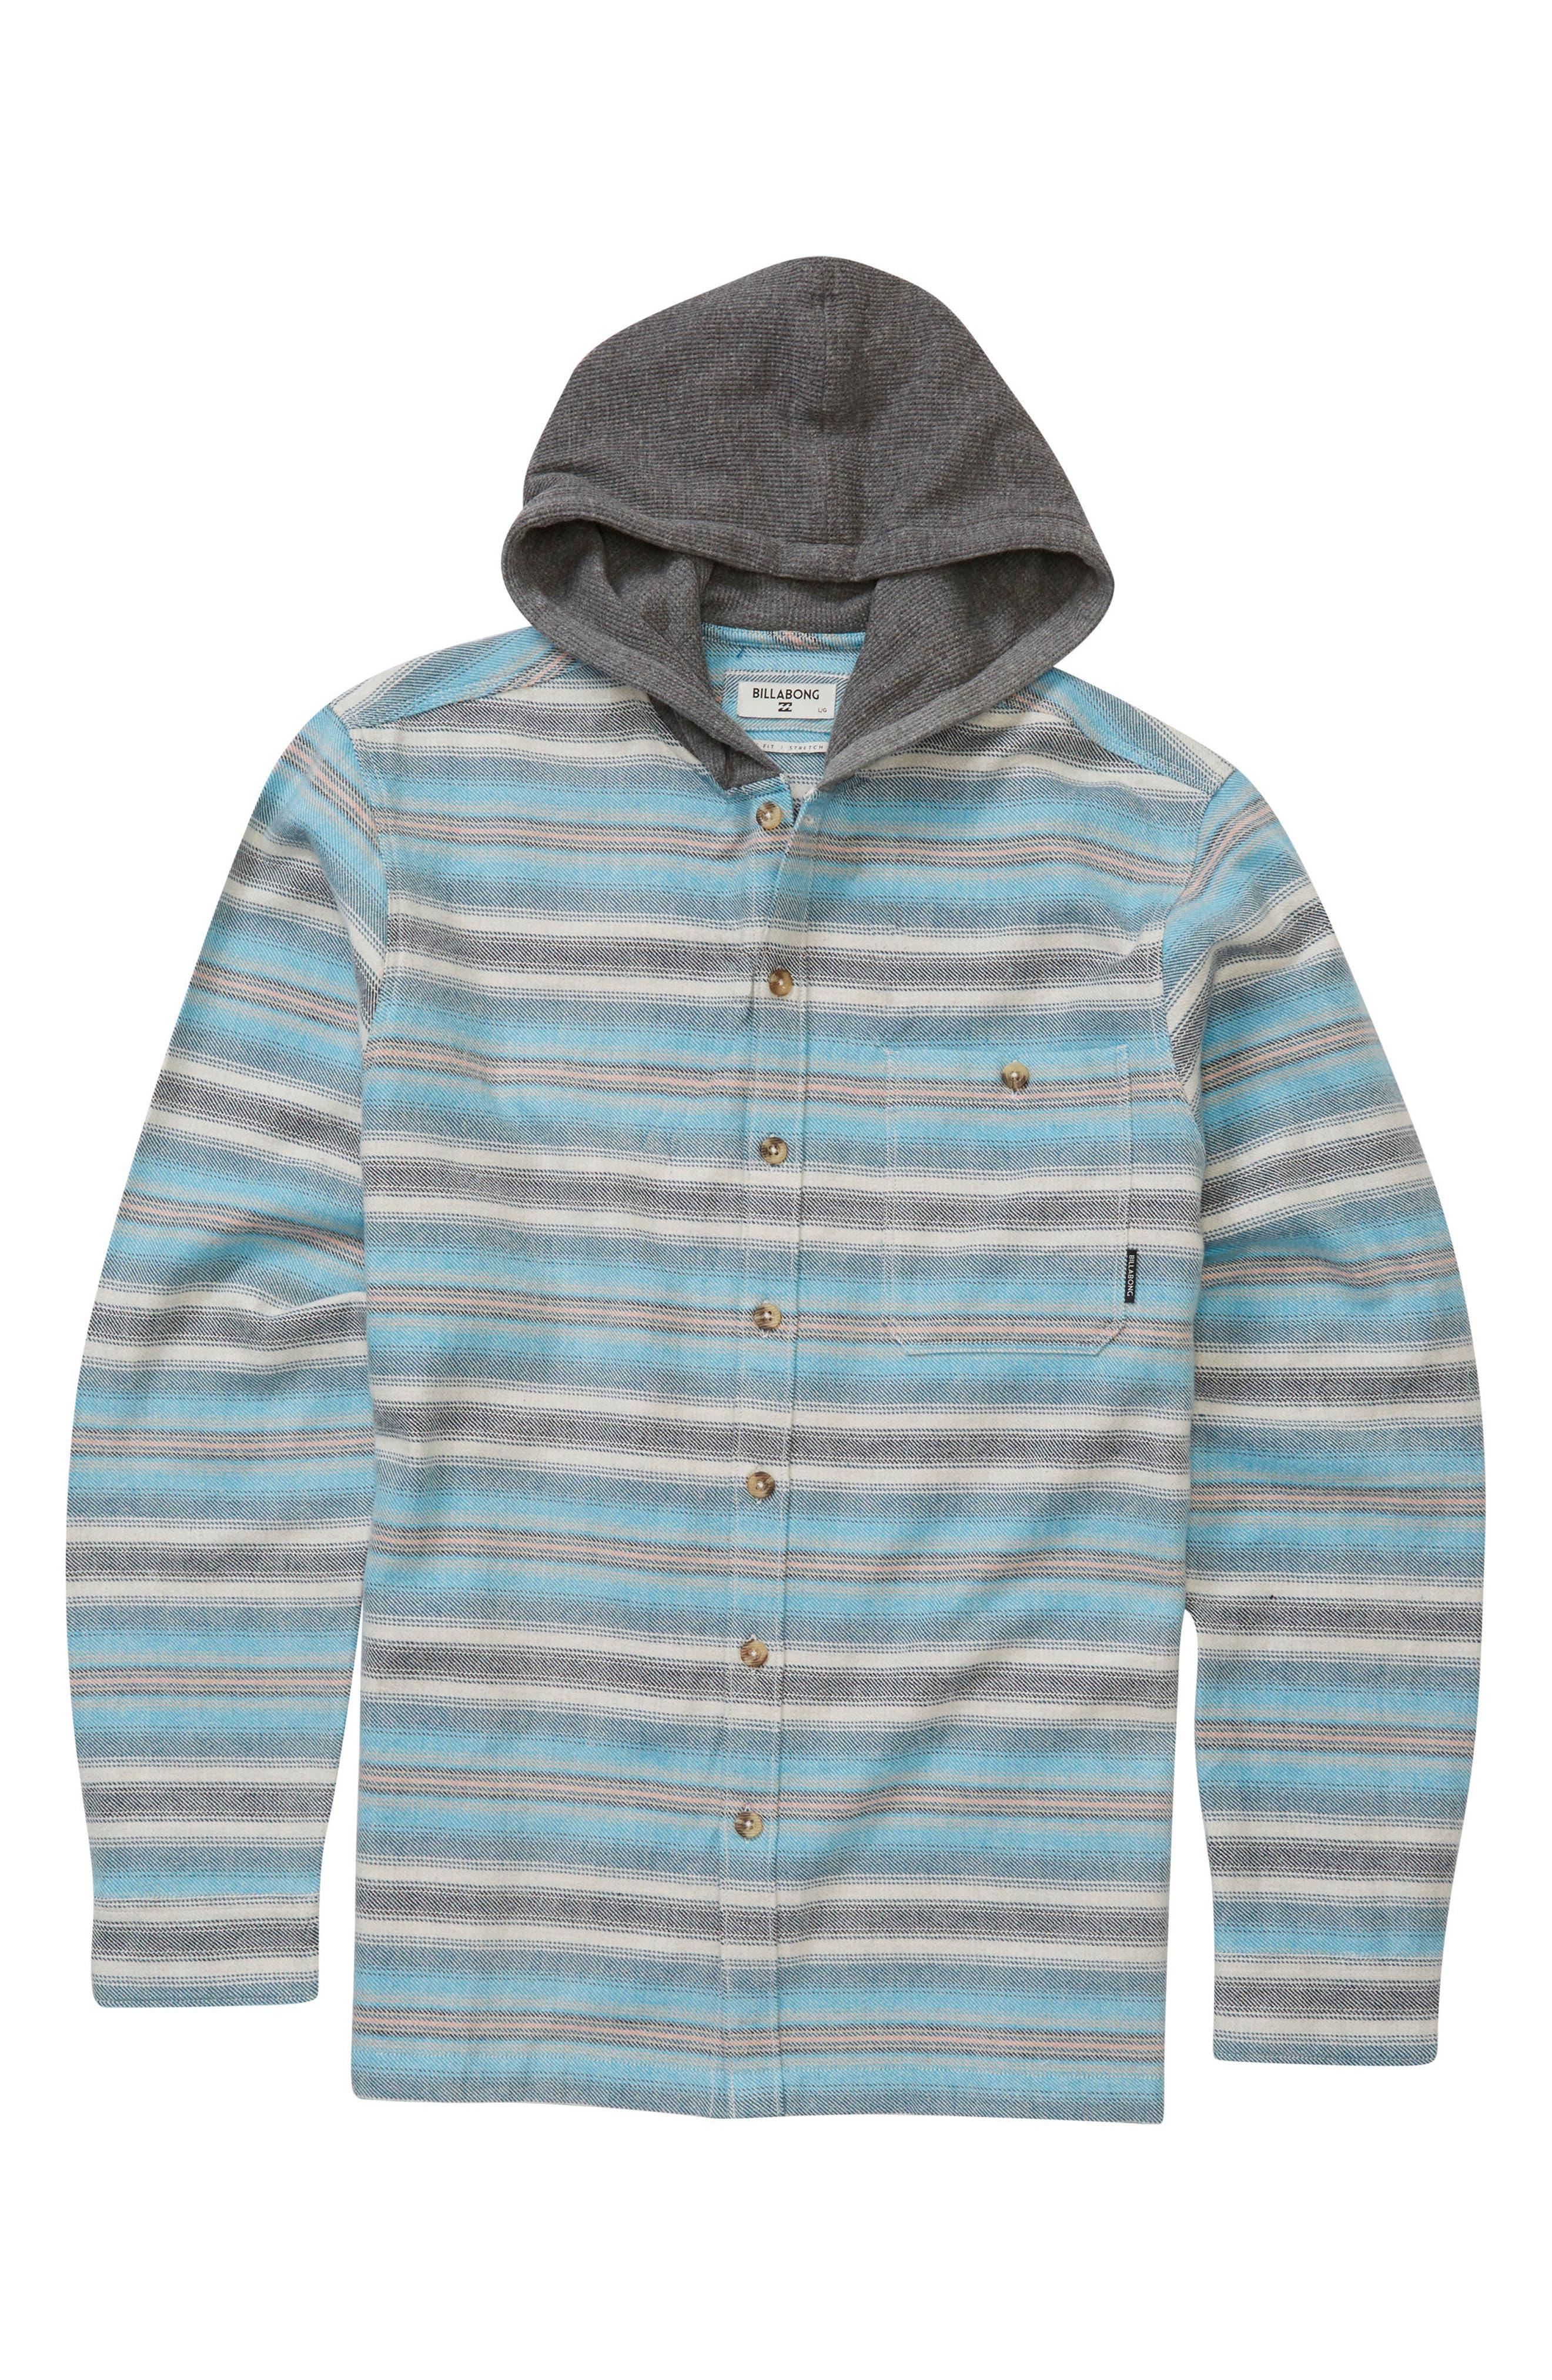 Alternate Image 1 Selected - Billabong Baja Hooded Shirt (Toddler Boys & Little Boys)